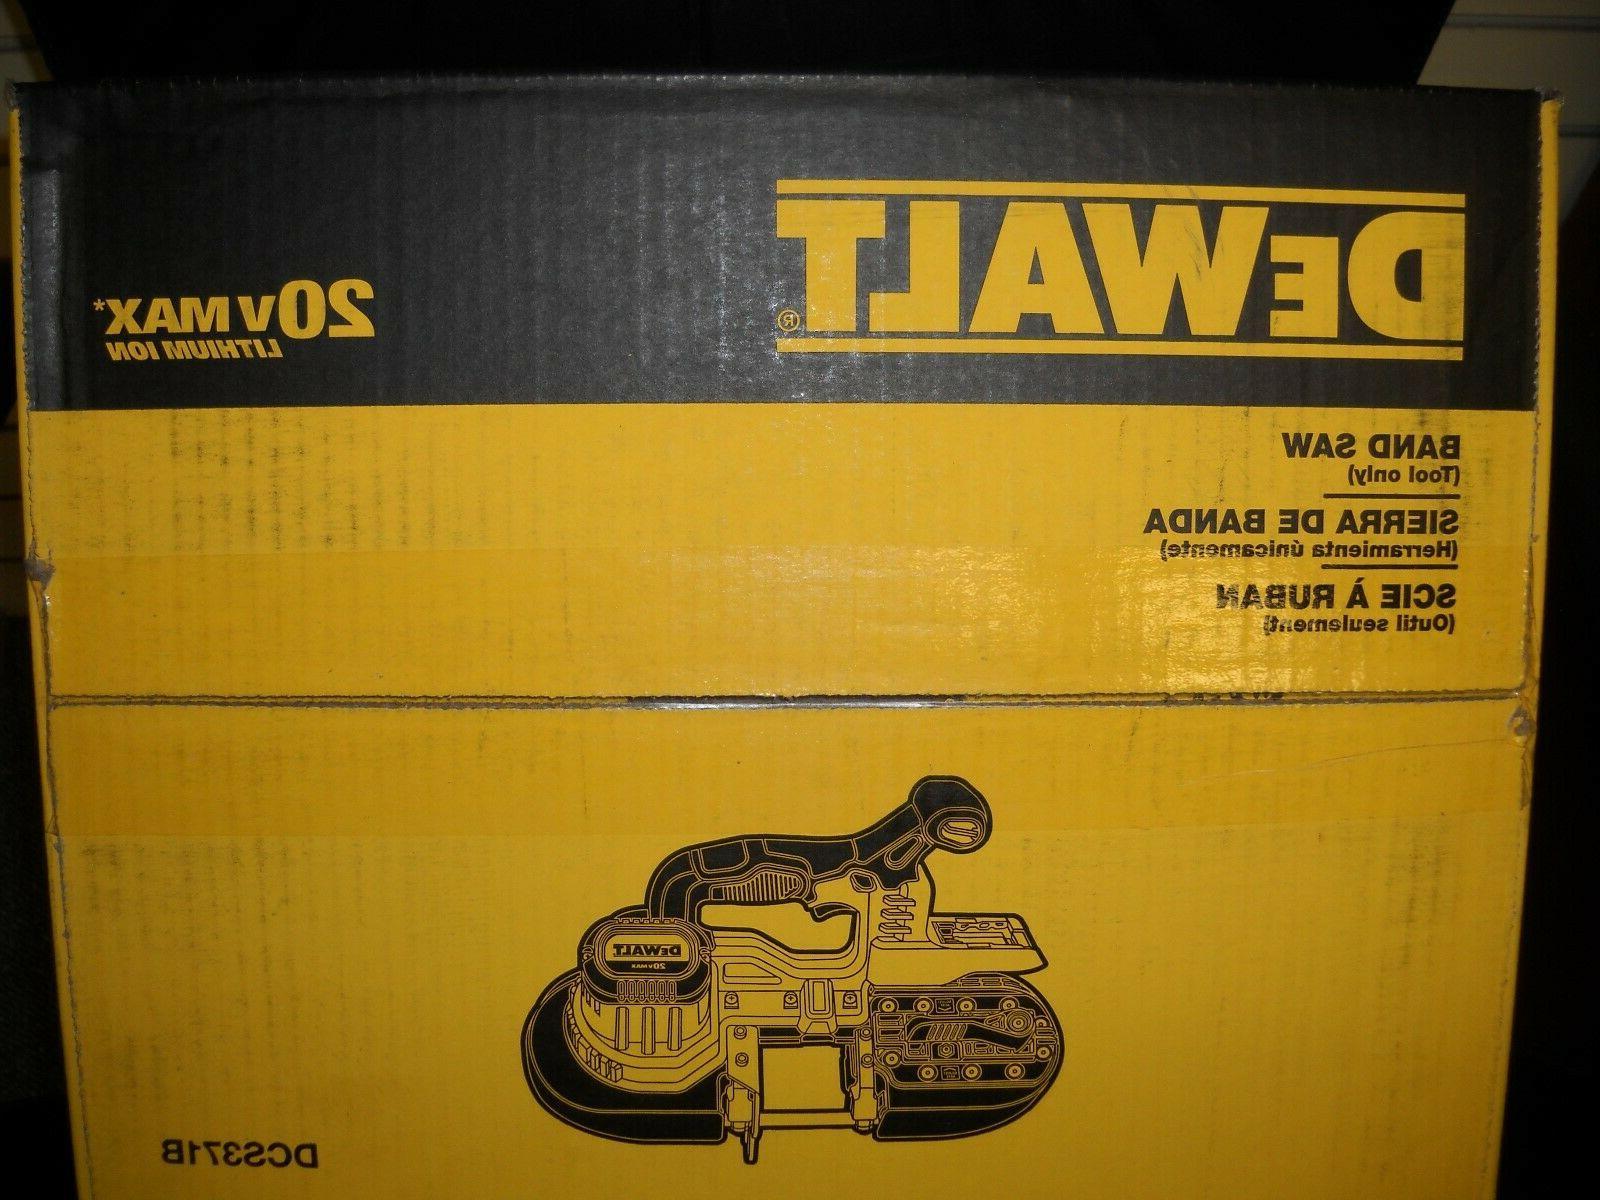 Dewalt DCS371B 20V Volt Max Cordless NEW